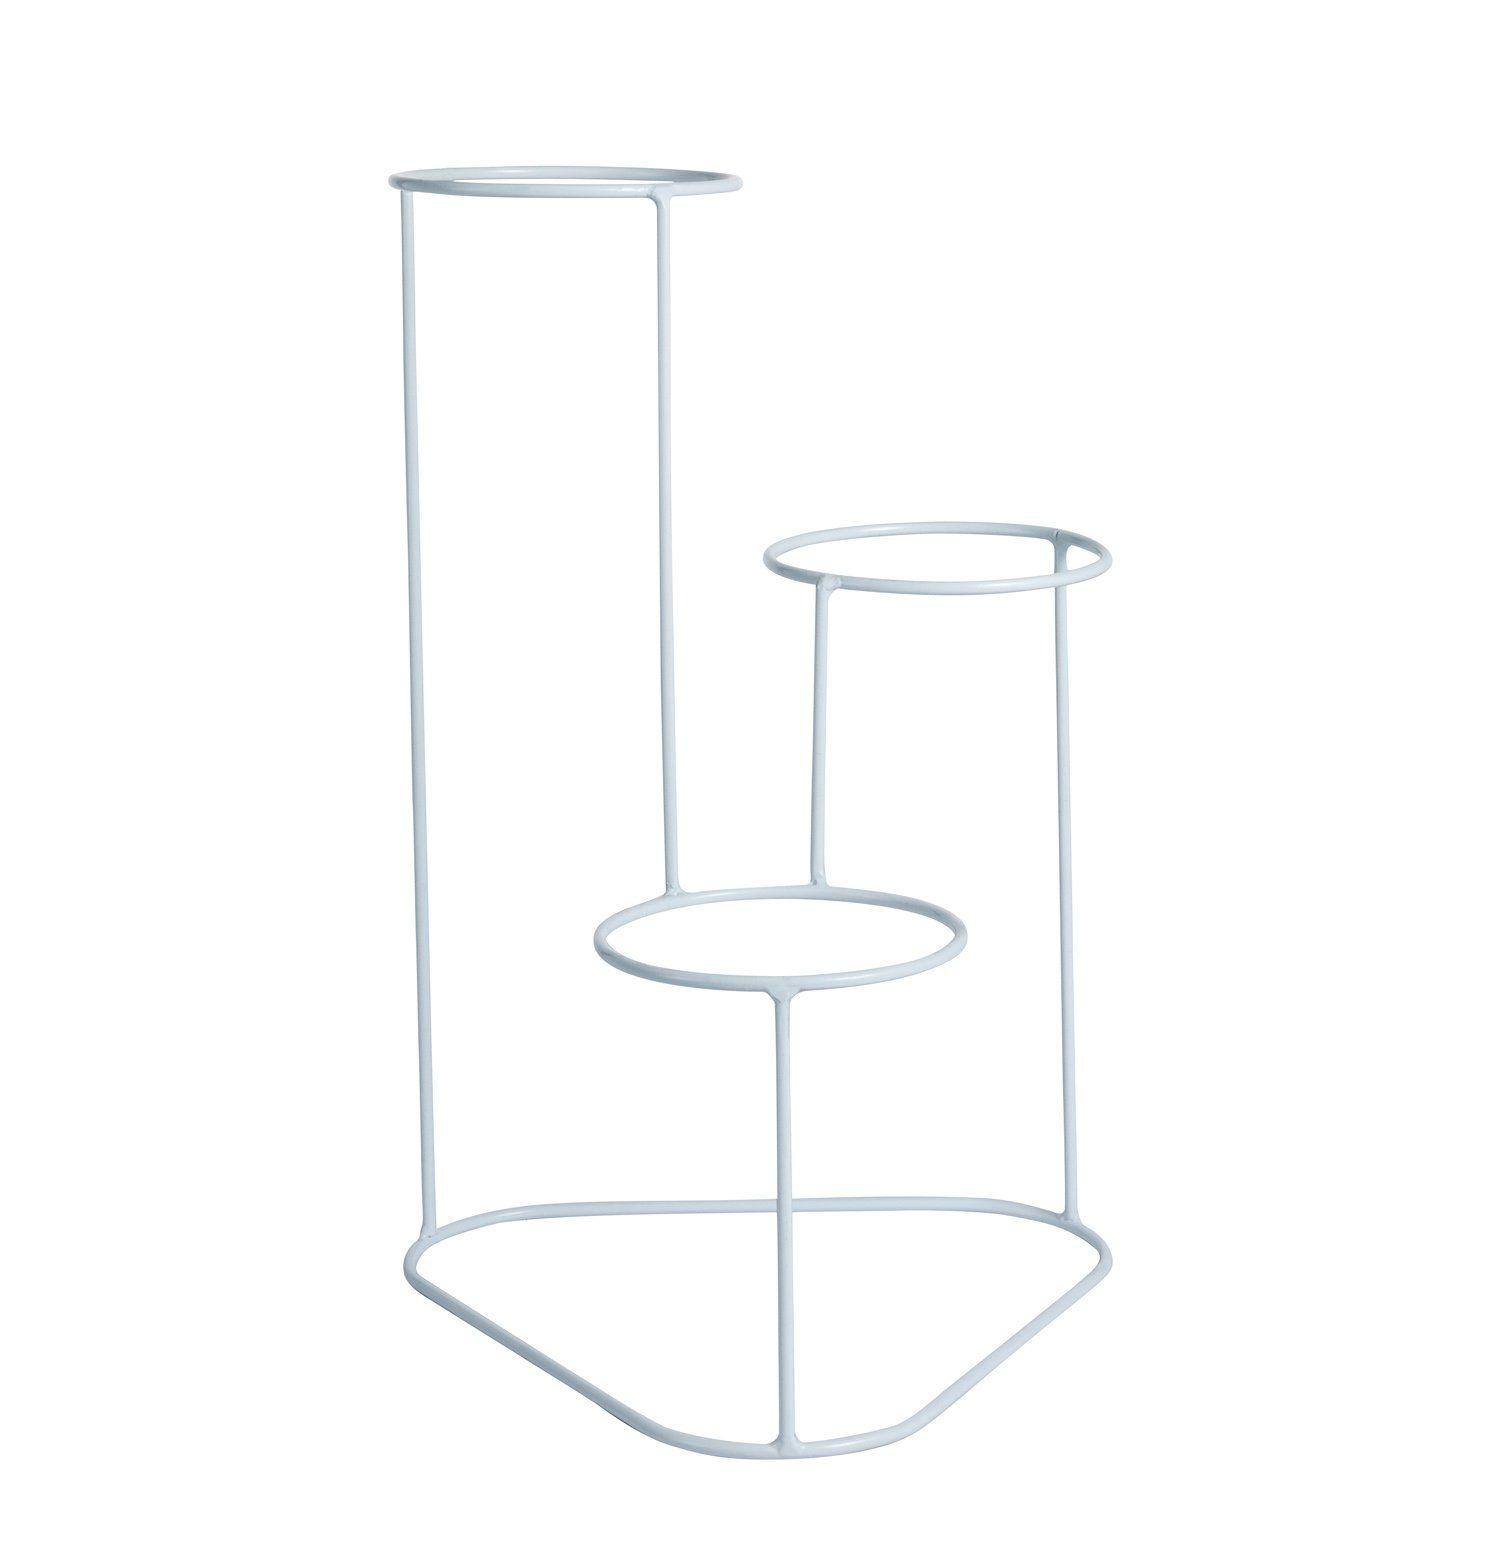 Suporte Aramado Cascata Branco 40cm para 03 Vasos Raiz Pequenos N02  - Vasos Raiz Loja Oficial